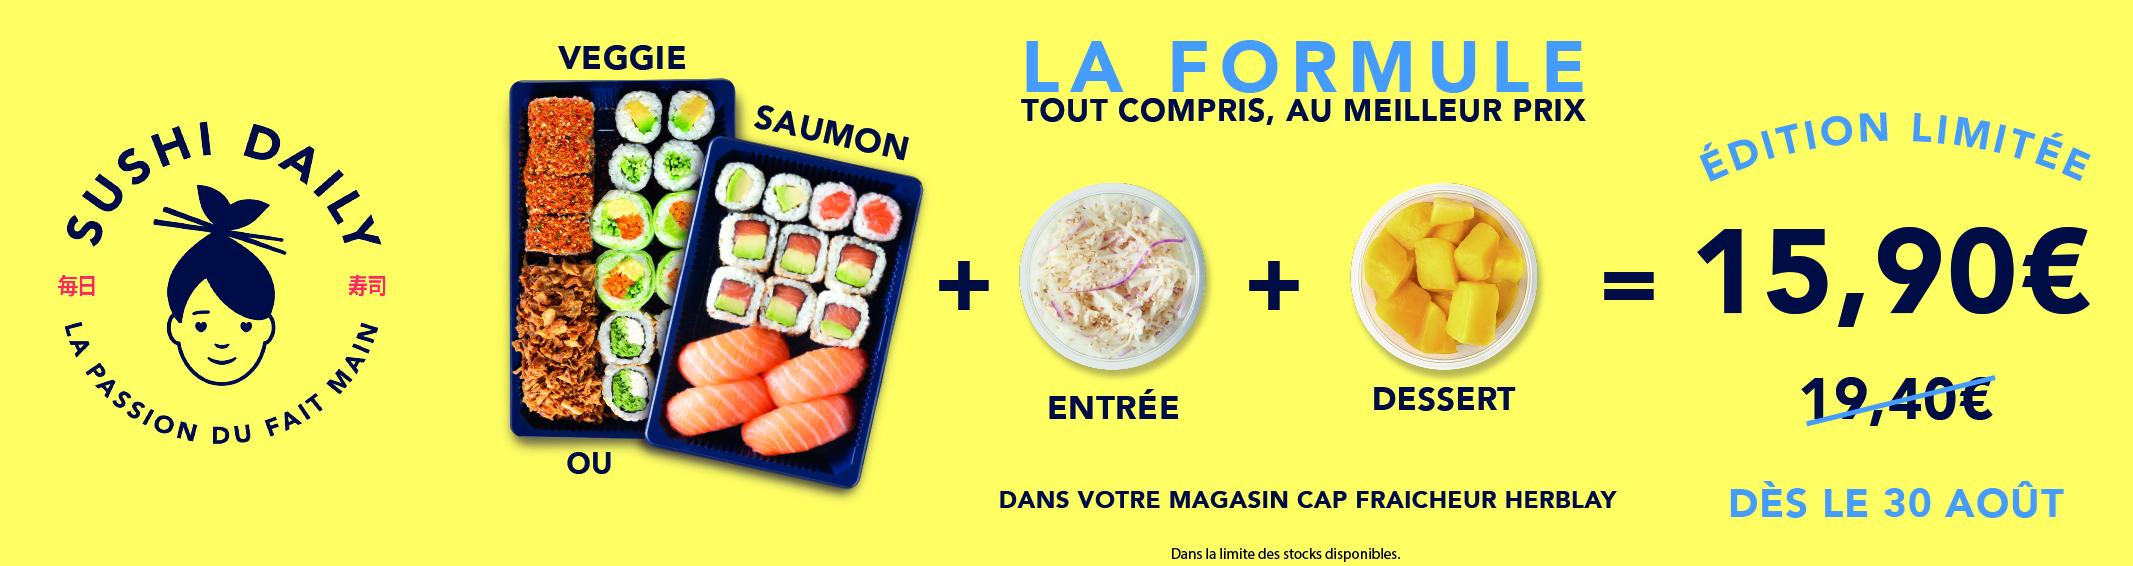 Bannière-Formule-Sushi-Daily